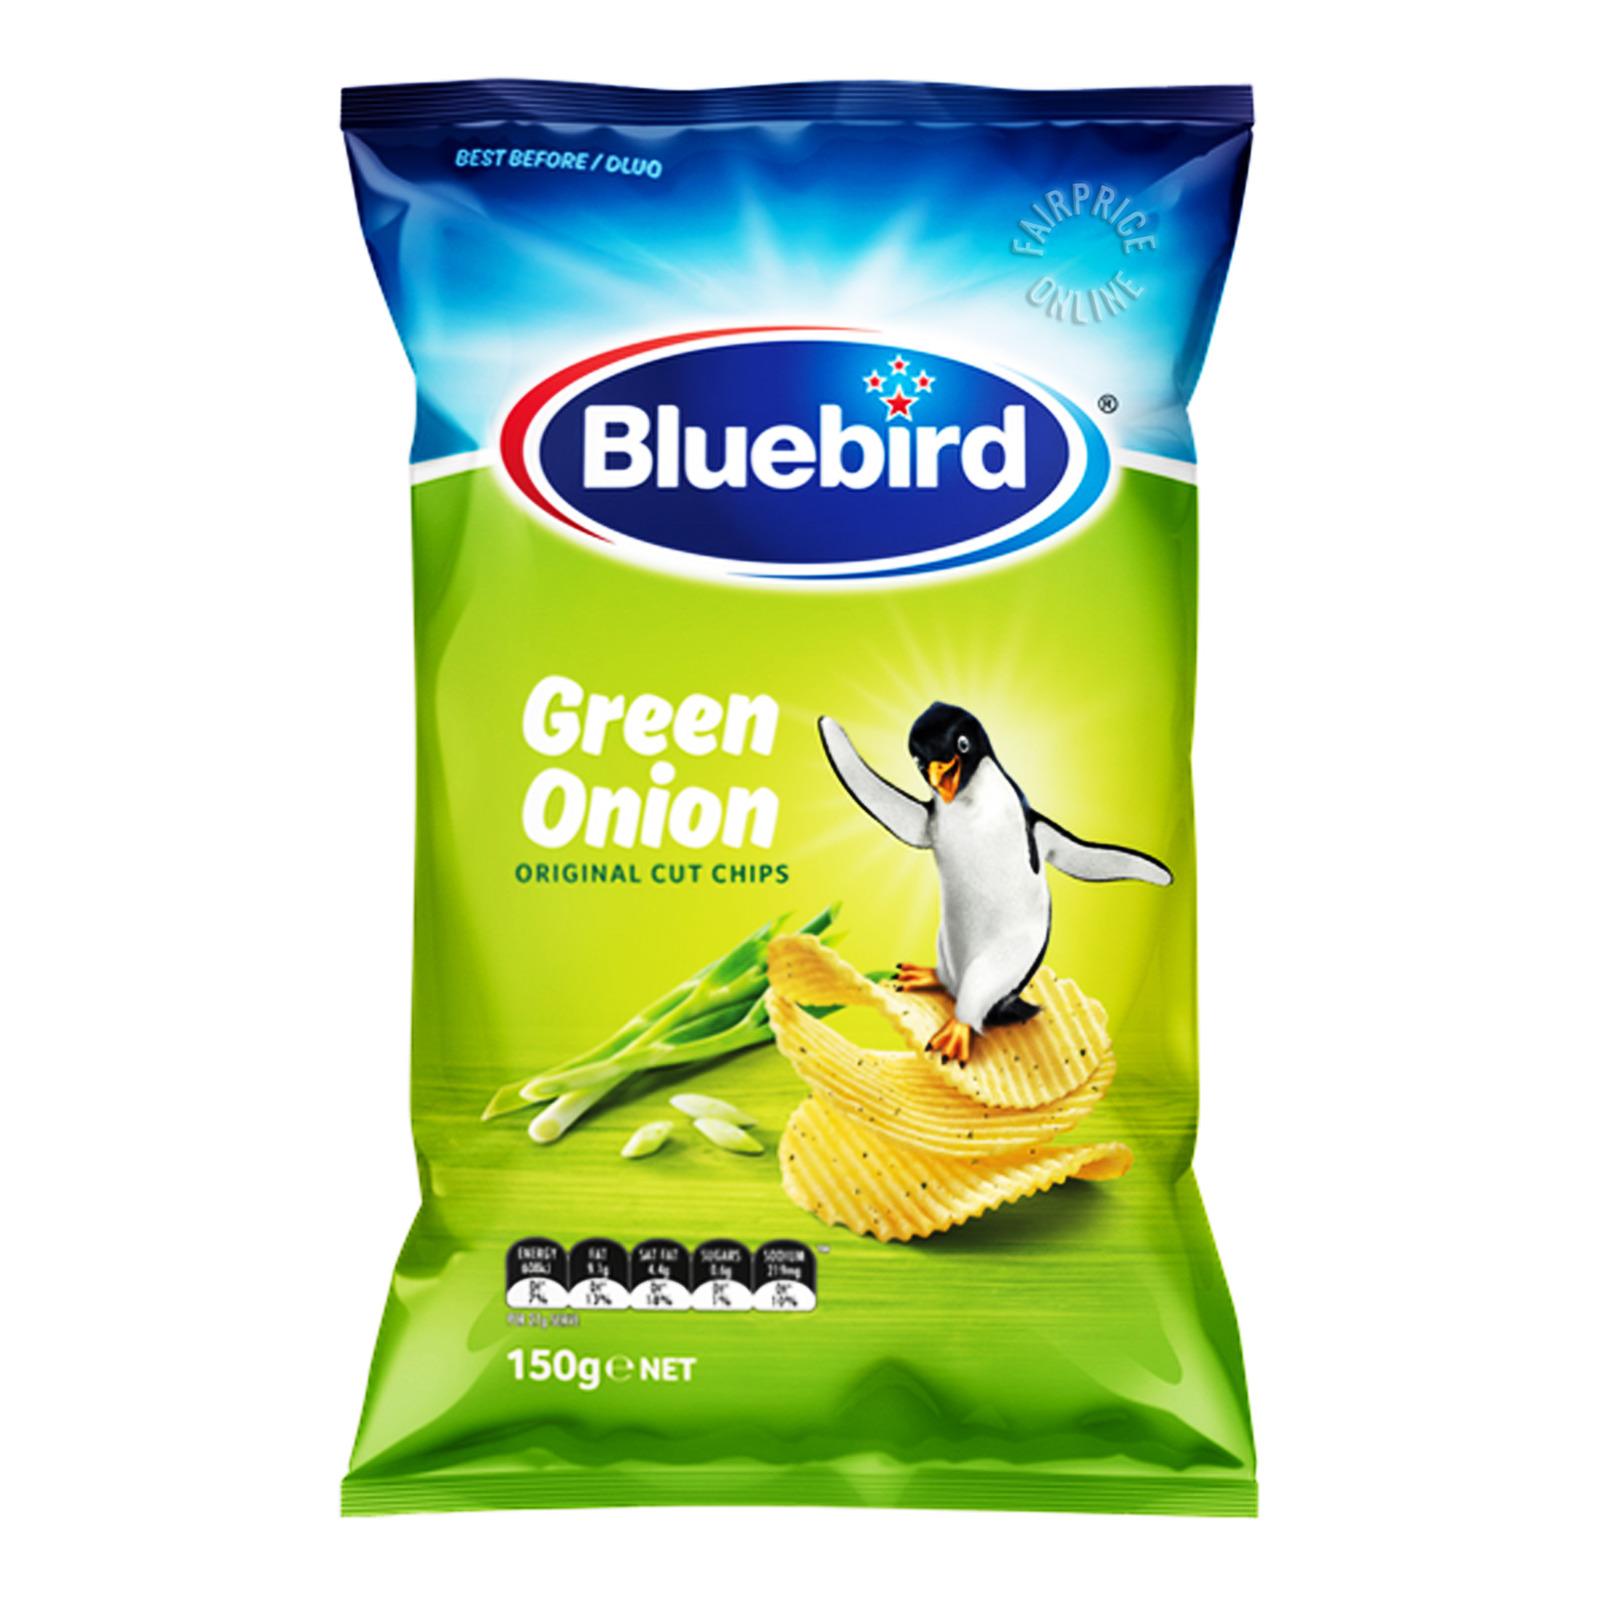 Bluebird Original Cut Chips - Green Onion